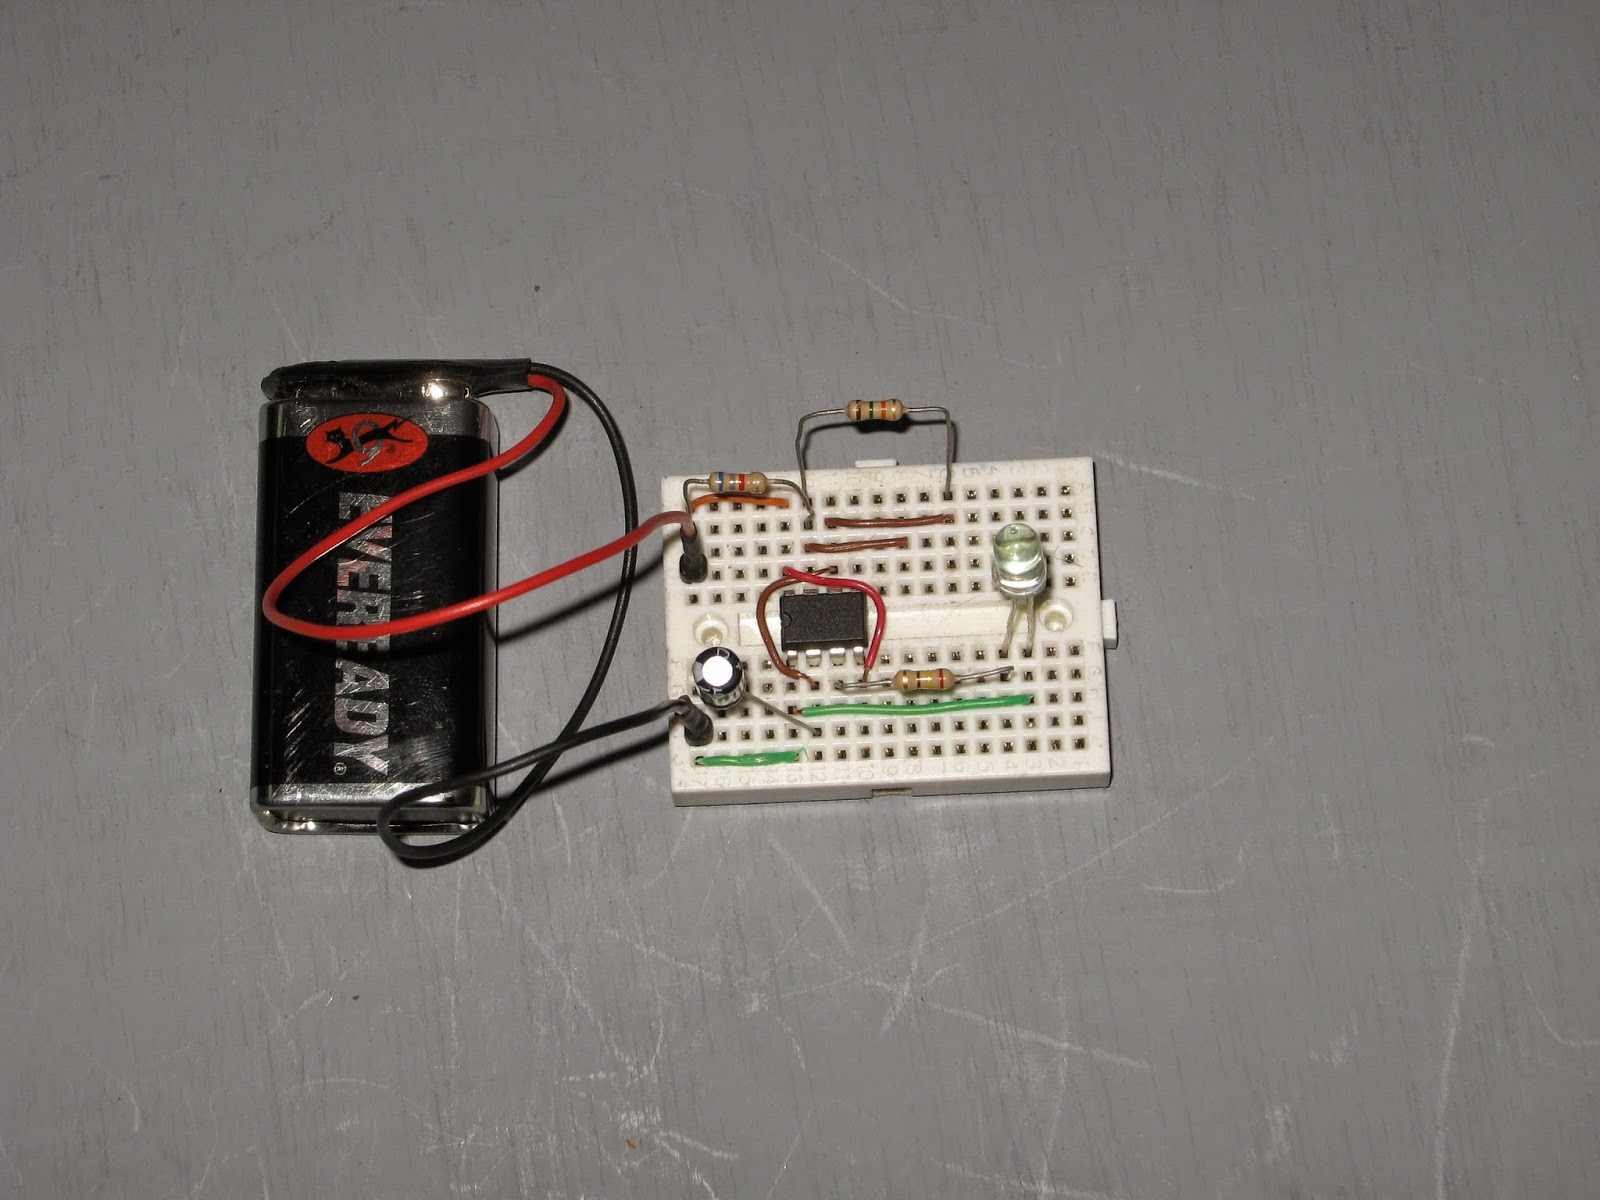 Circuito Led Intermitente : Circuito led intermitente variable de luces